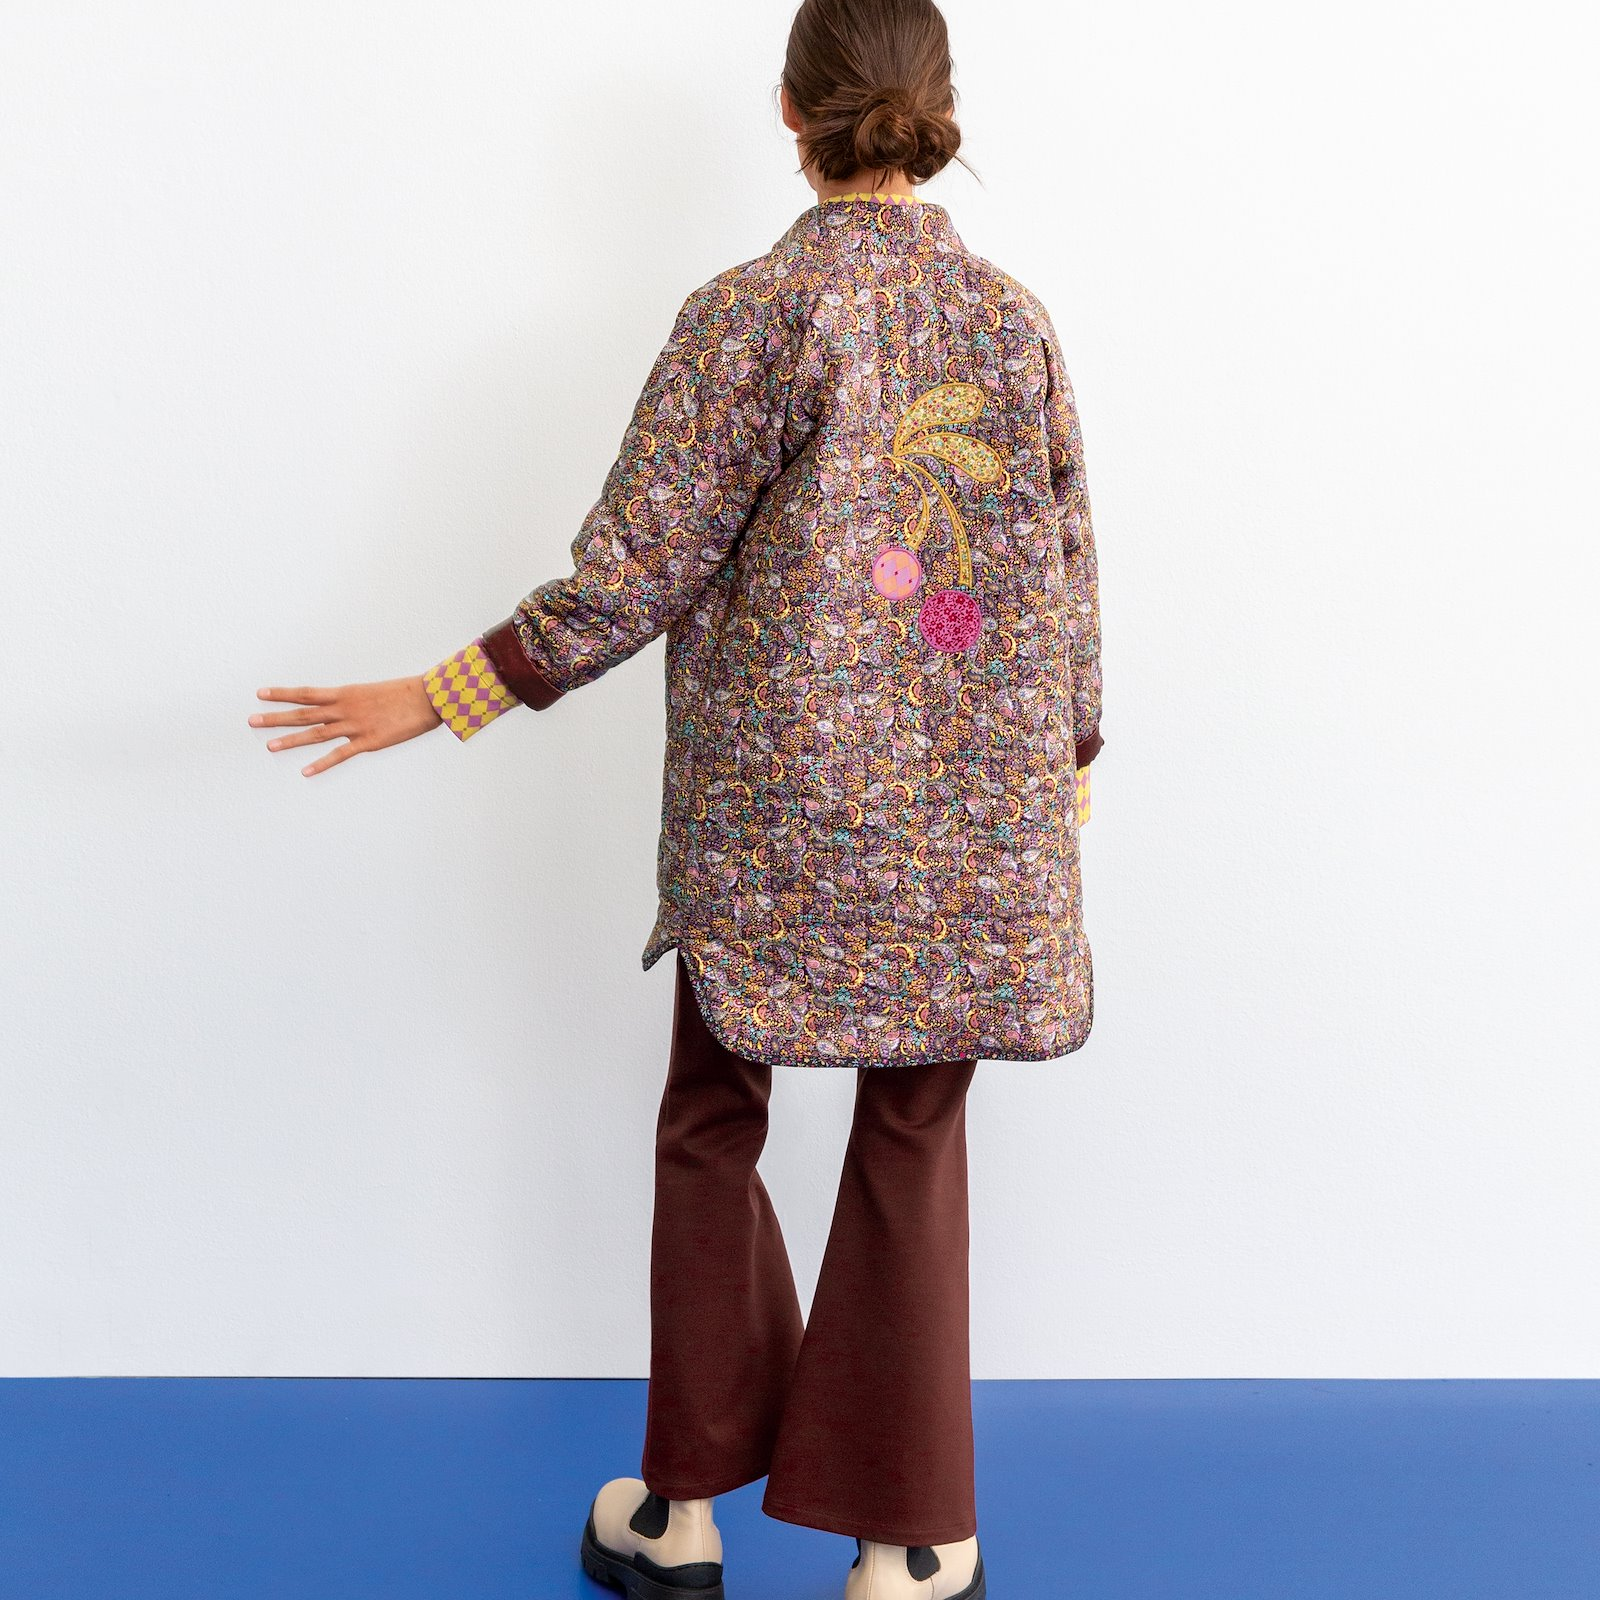 Jacket with raglan sleeves, 134/9y p64019_852409_22344_9901_7014_DIY1018_852414_852413_852410_p60038_420419_bundle